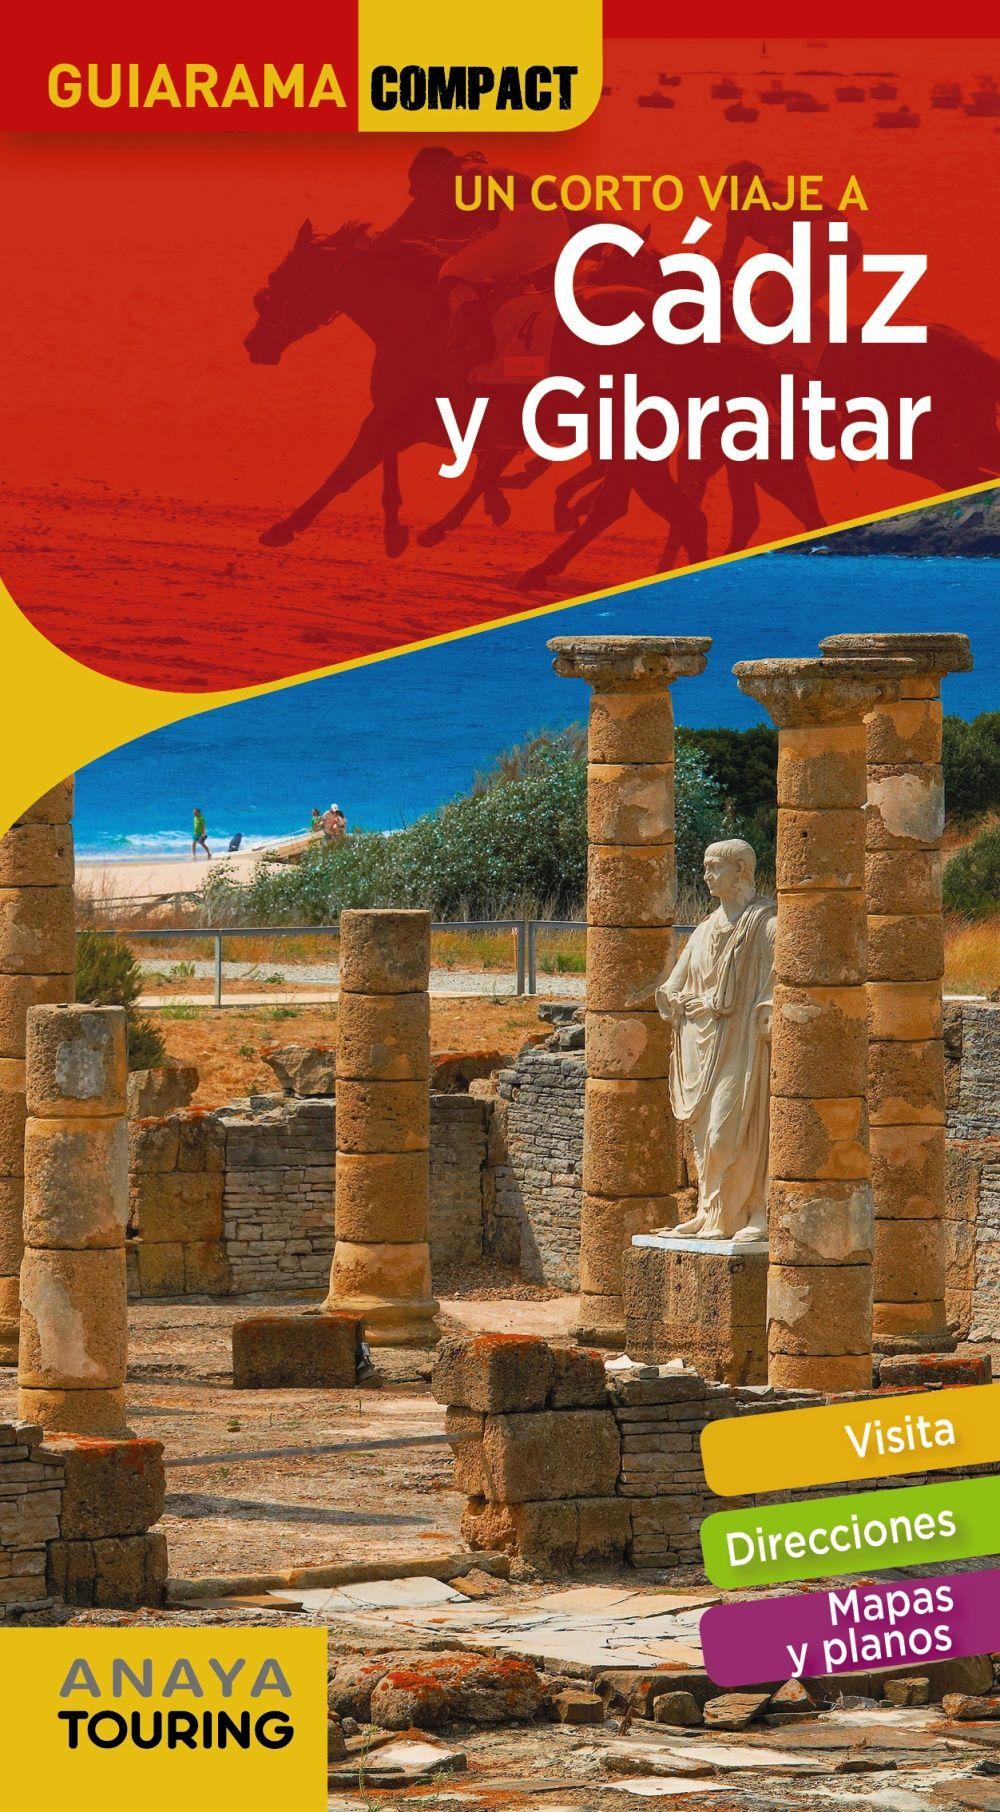 CÁDIZ Y GIBRALTAR GUIARAMA